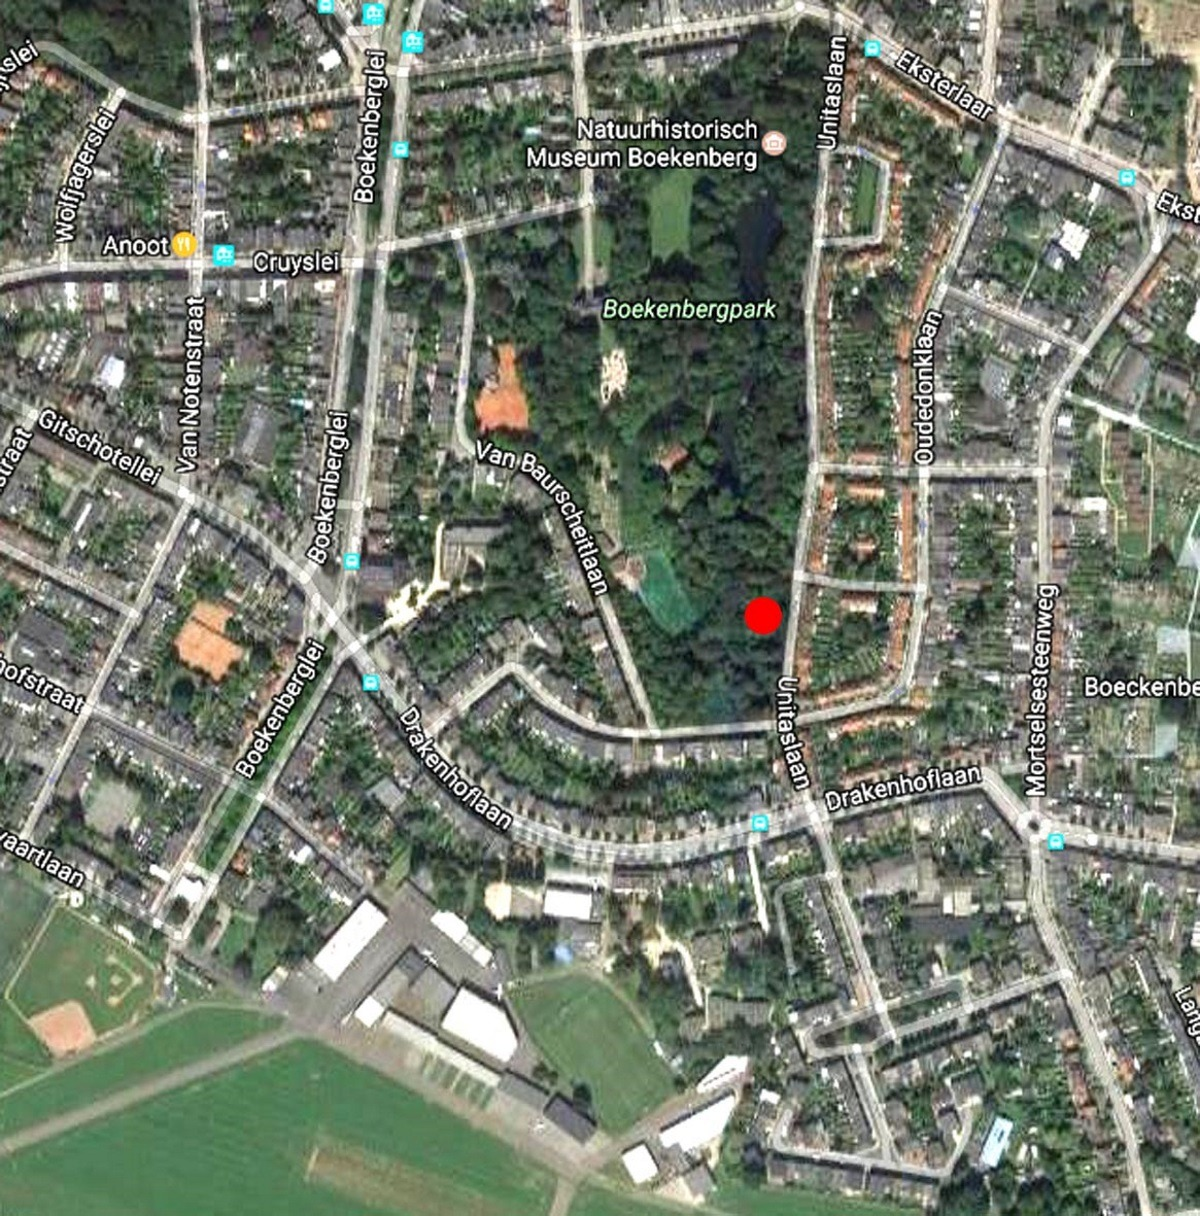 1821_1_2017 3 12 Boekenberg park Tanken kaart.jpg|1821_2017 3 12 Boekenberg park tanken 5a.jpg|1821_2017 3 12 Boekenberg park tanken 6a.jpg